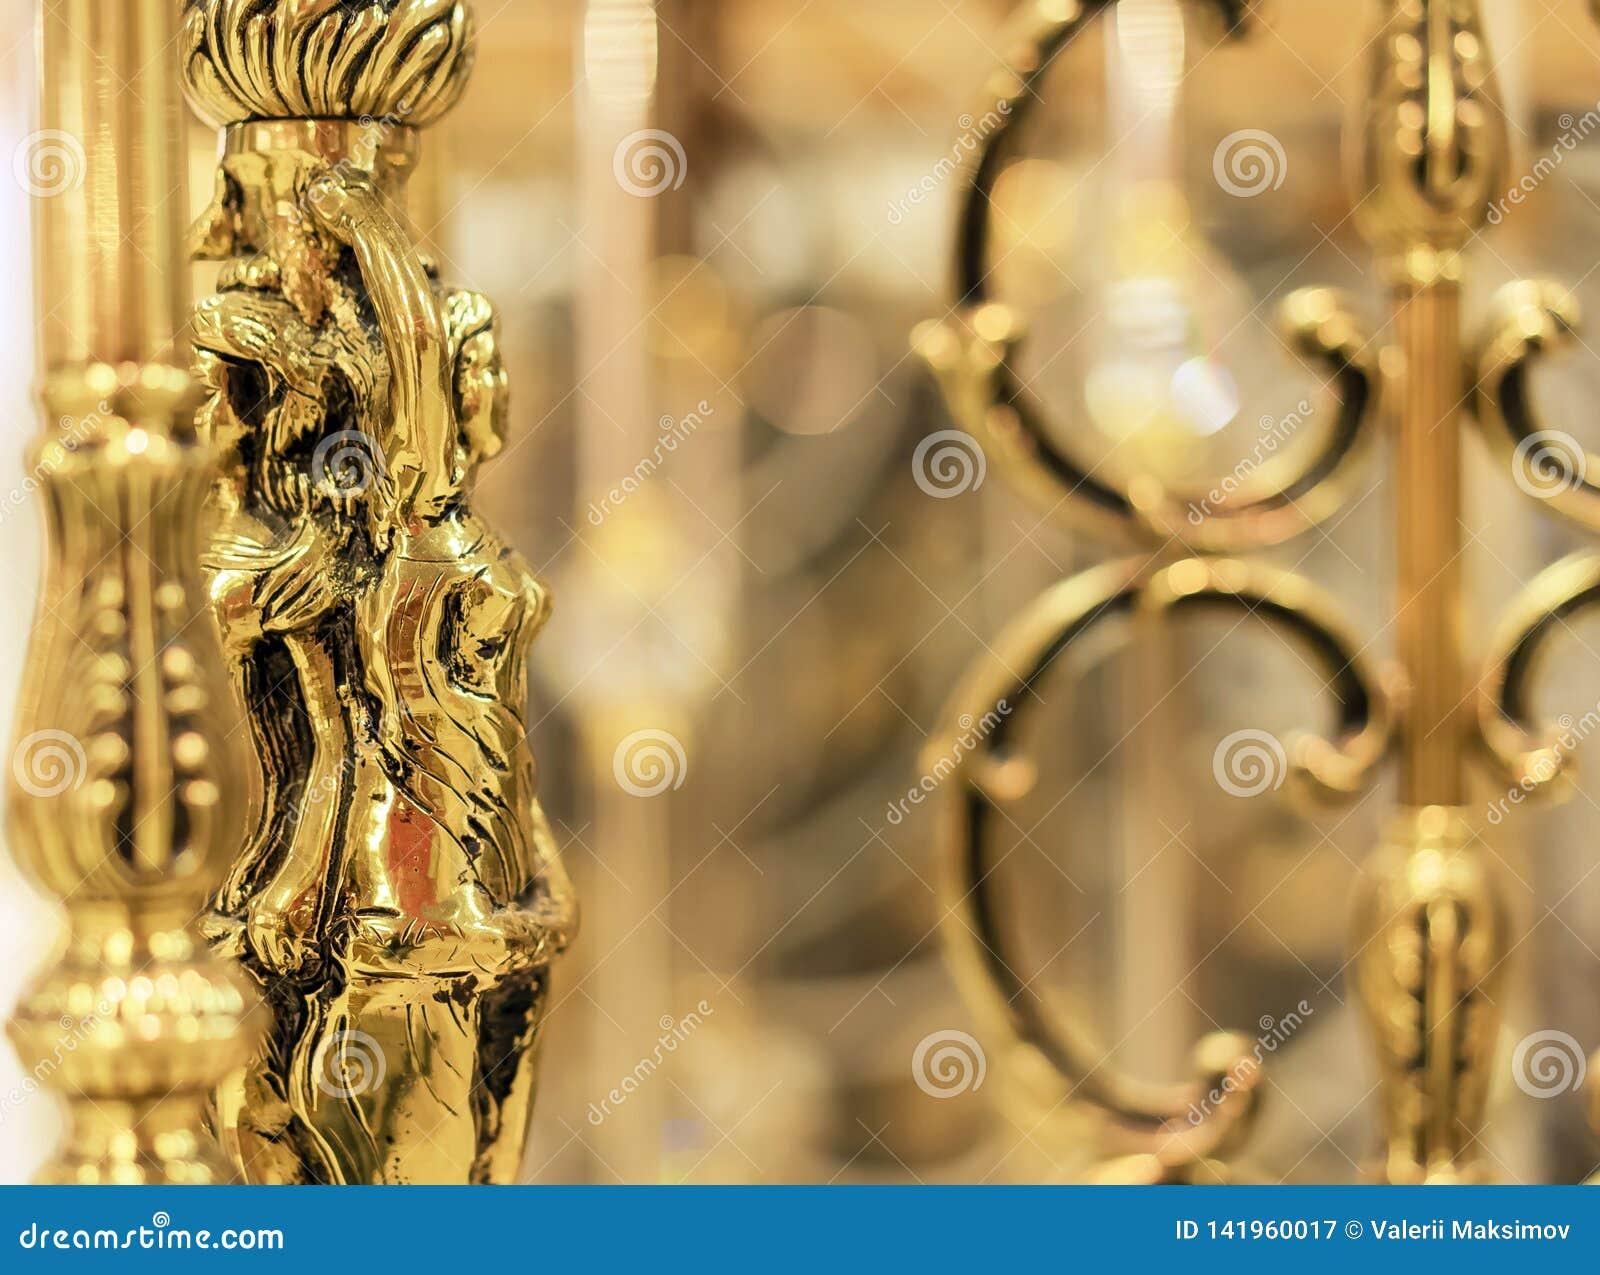 Weibliche goldene Statuette, Ziergegenstand des Innenraums